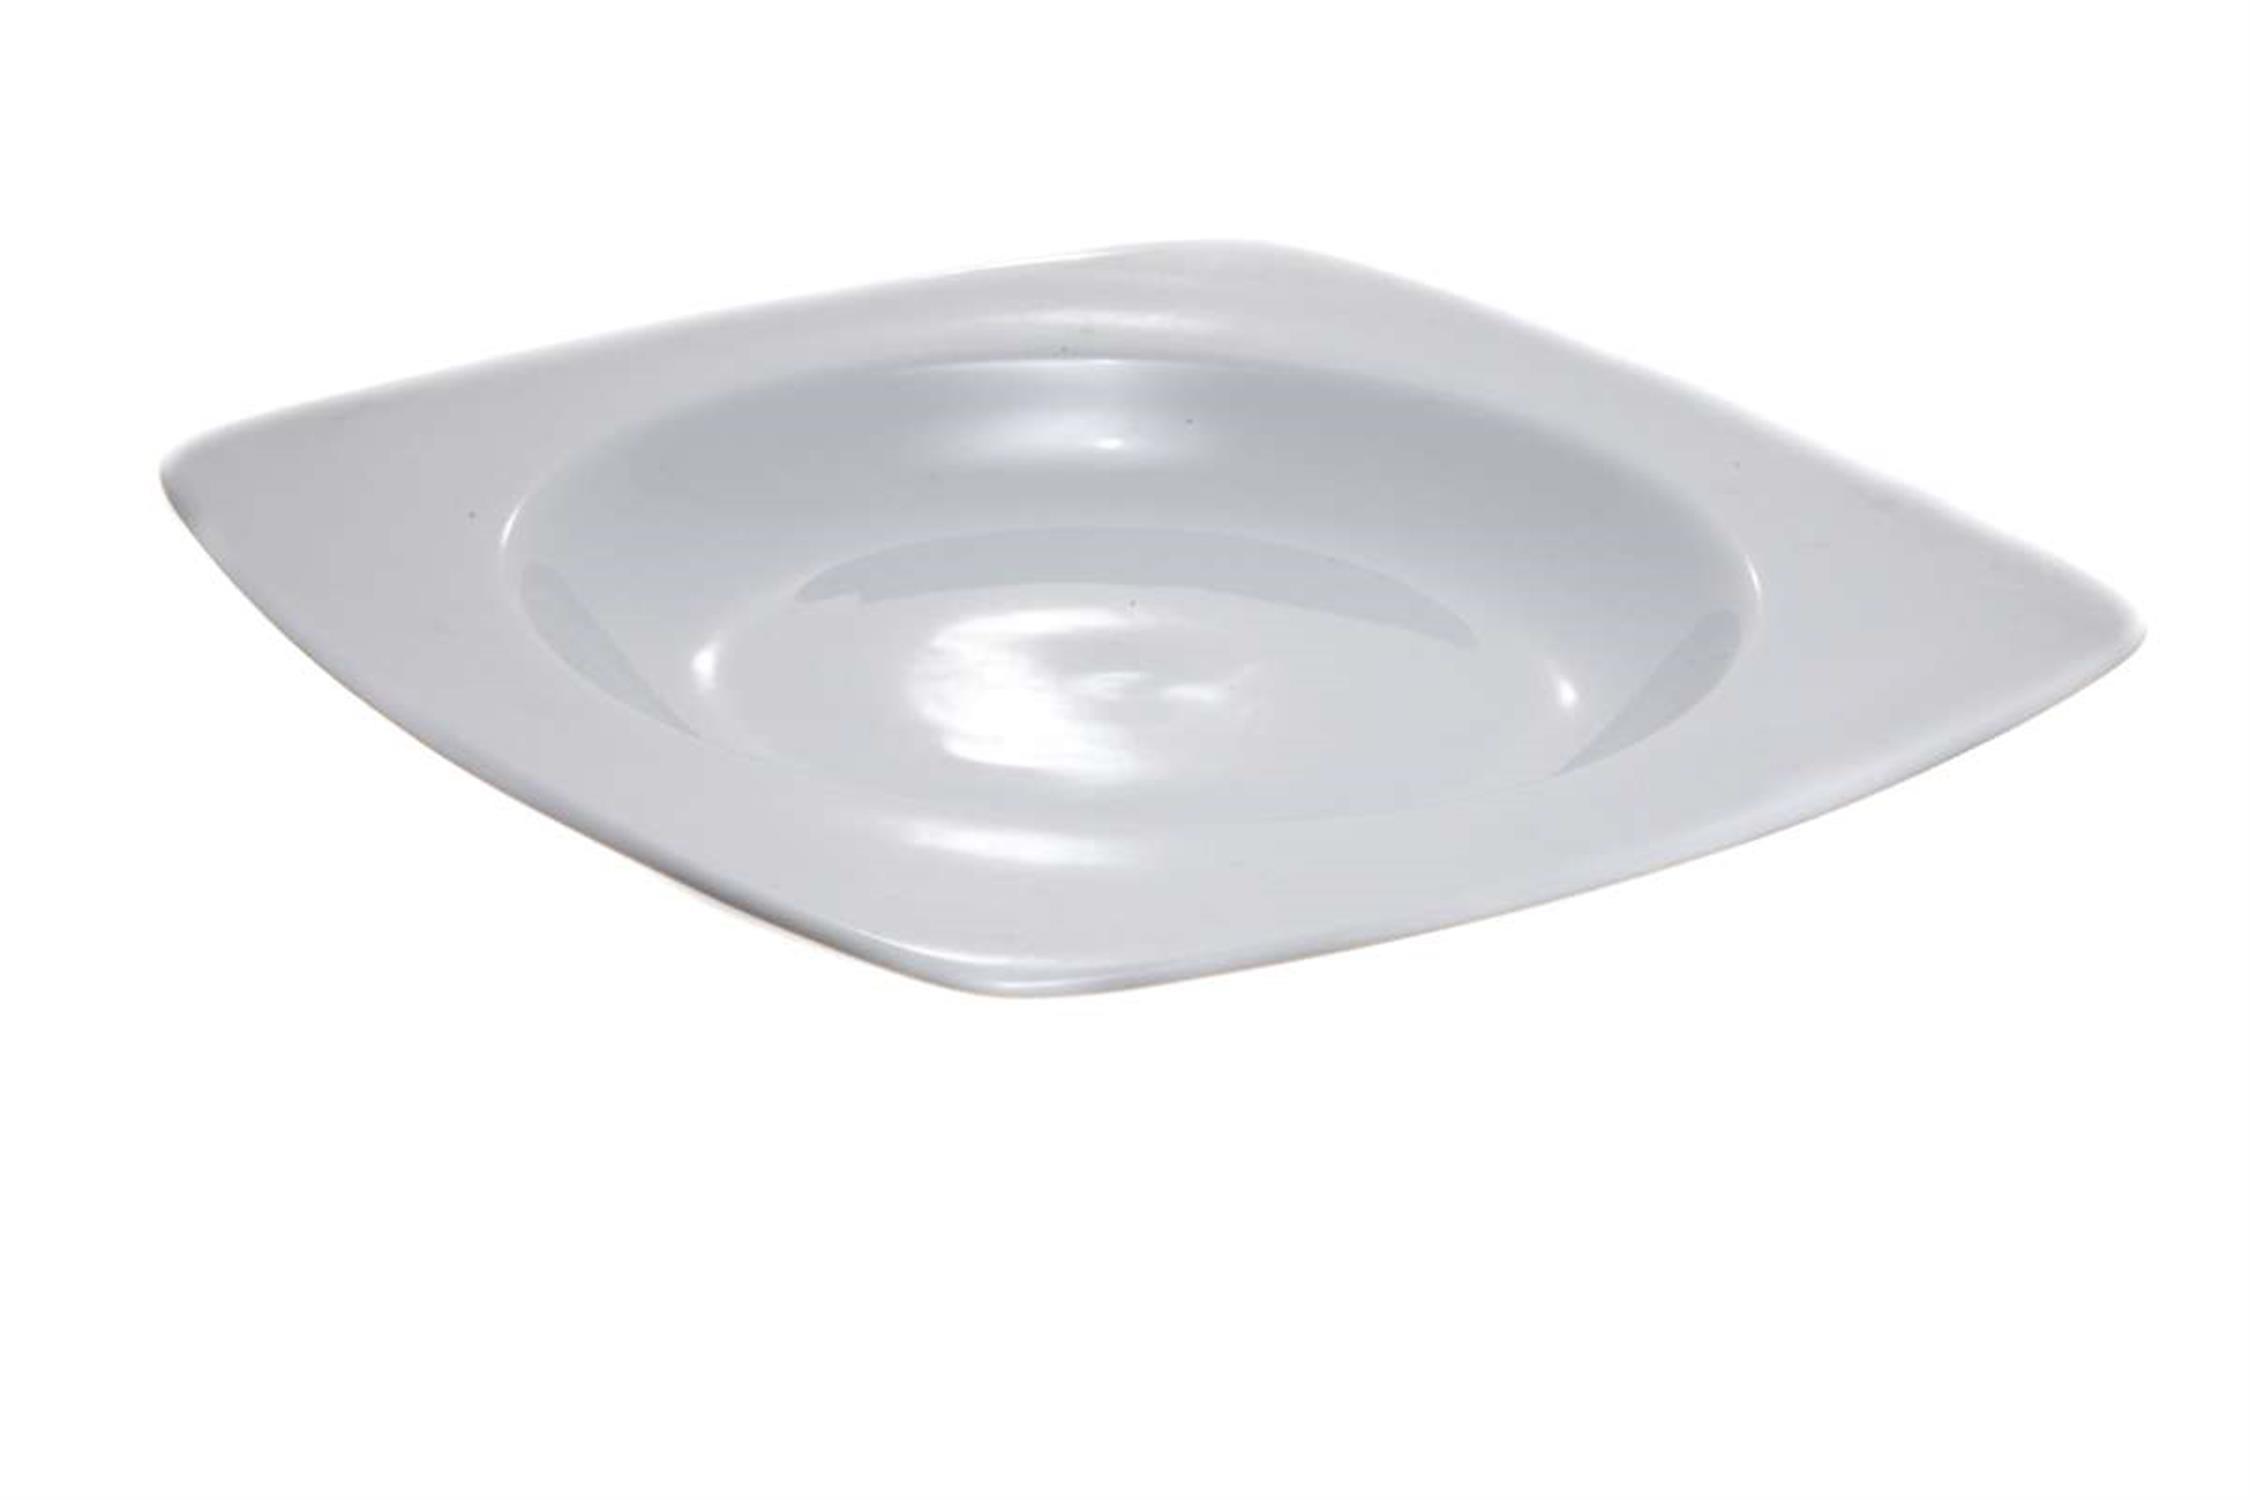 Πιάτο βαθύ με γείσο τετράγωνο πορσελάνινο 24.5cm